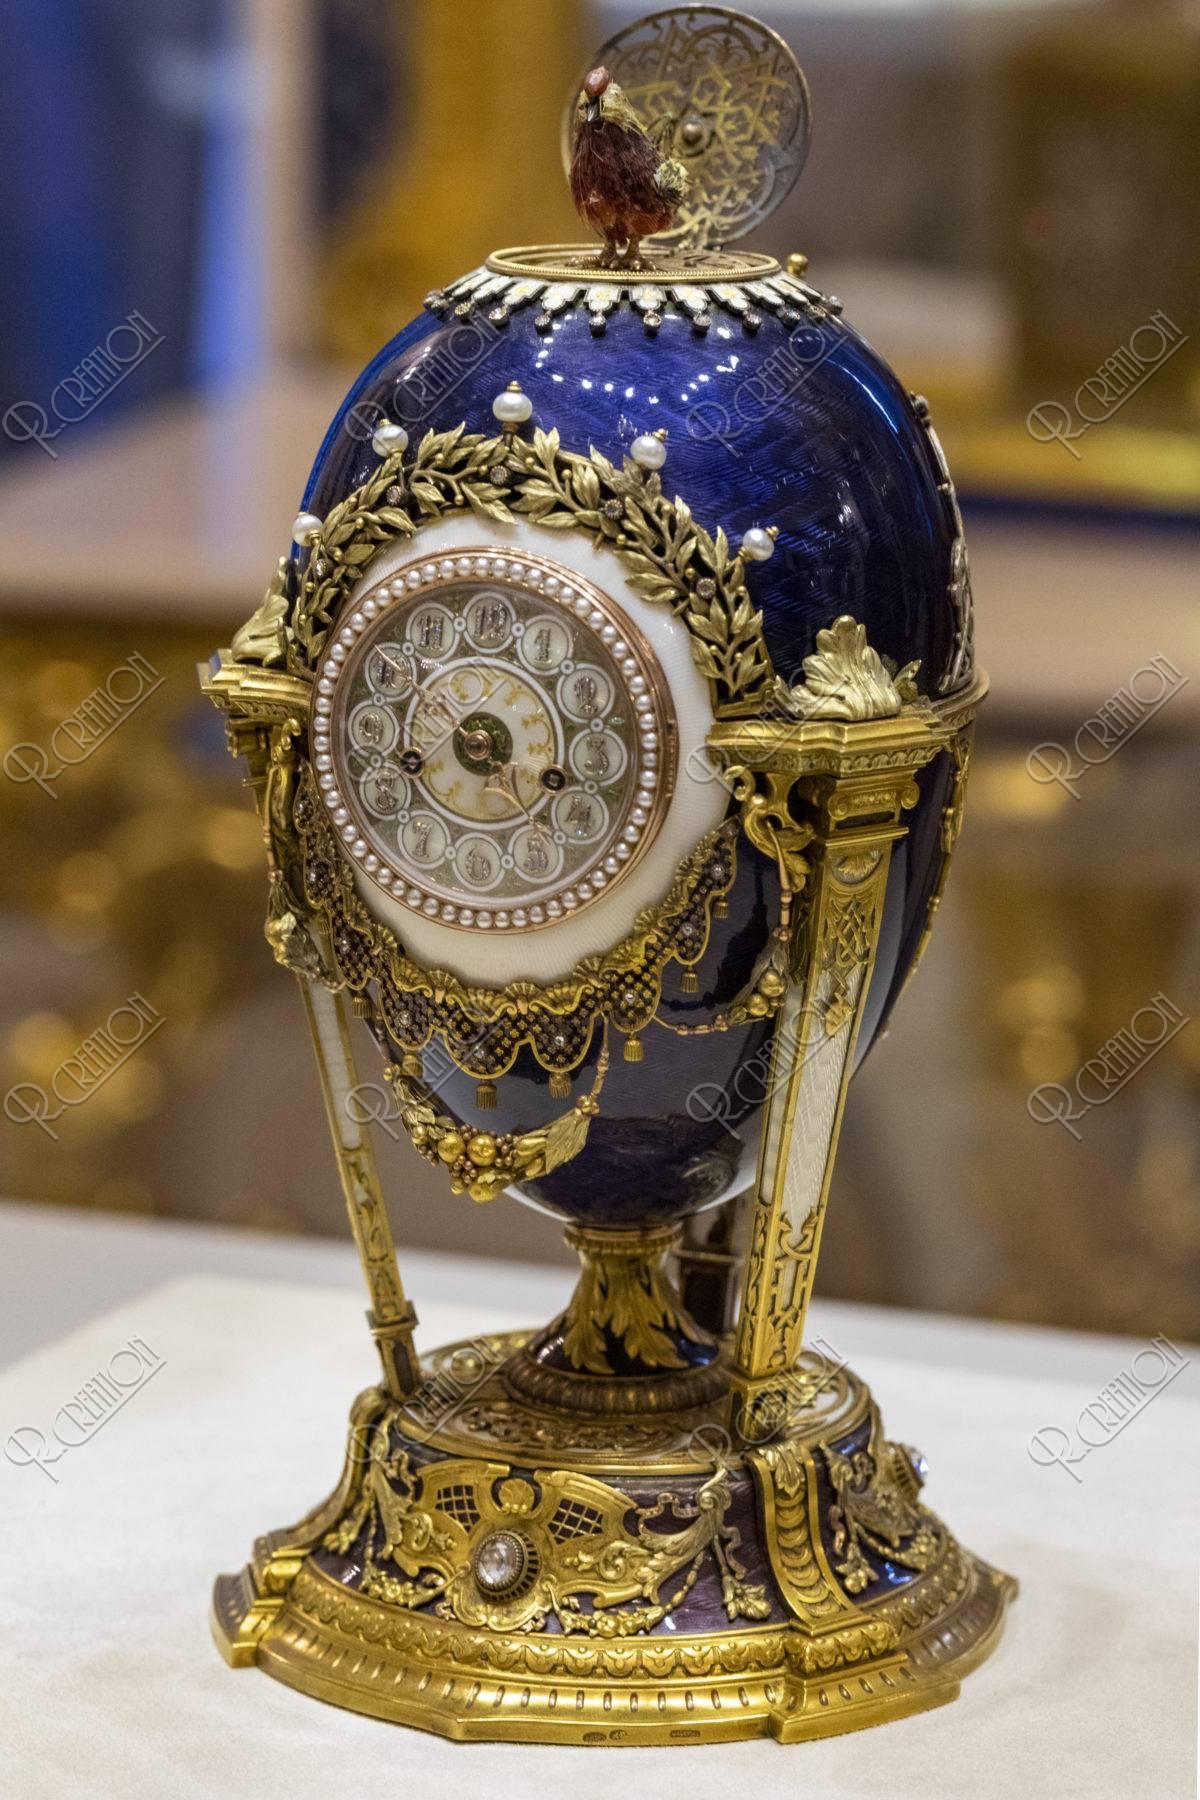 ファベルジェ博物館 イースターエッグ おんどりの時計